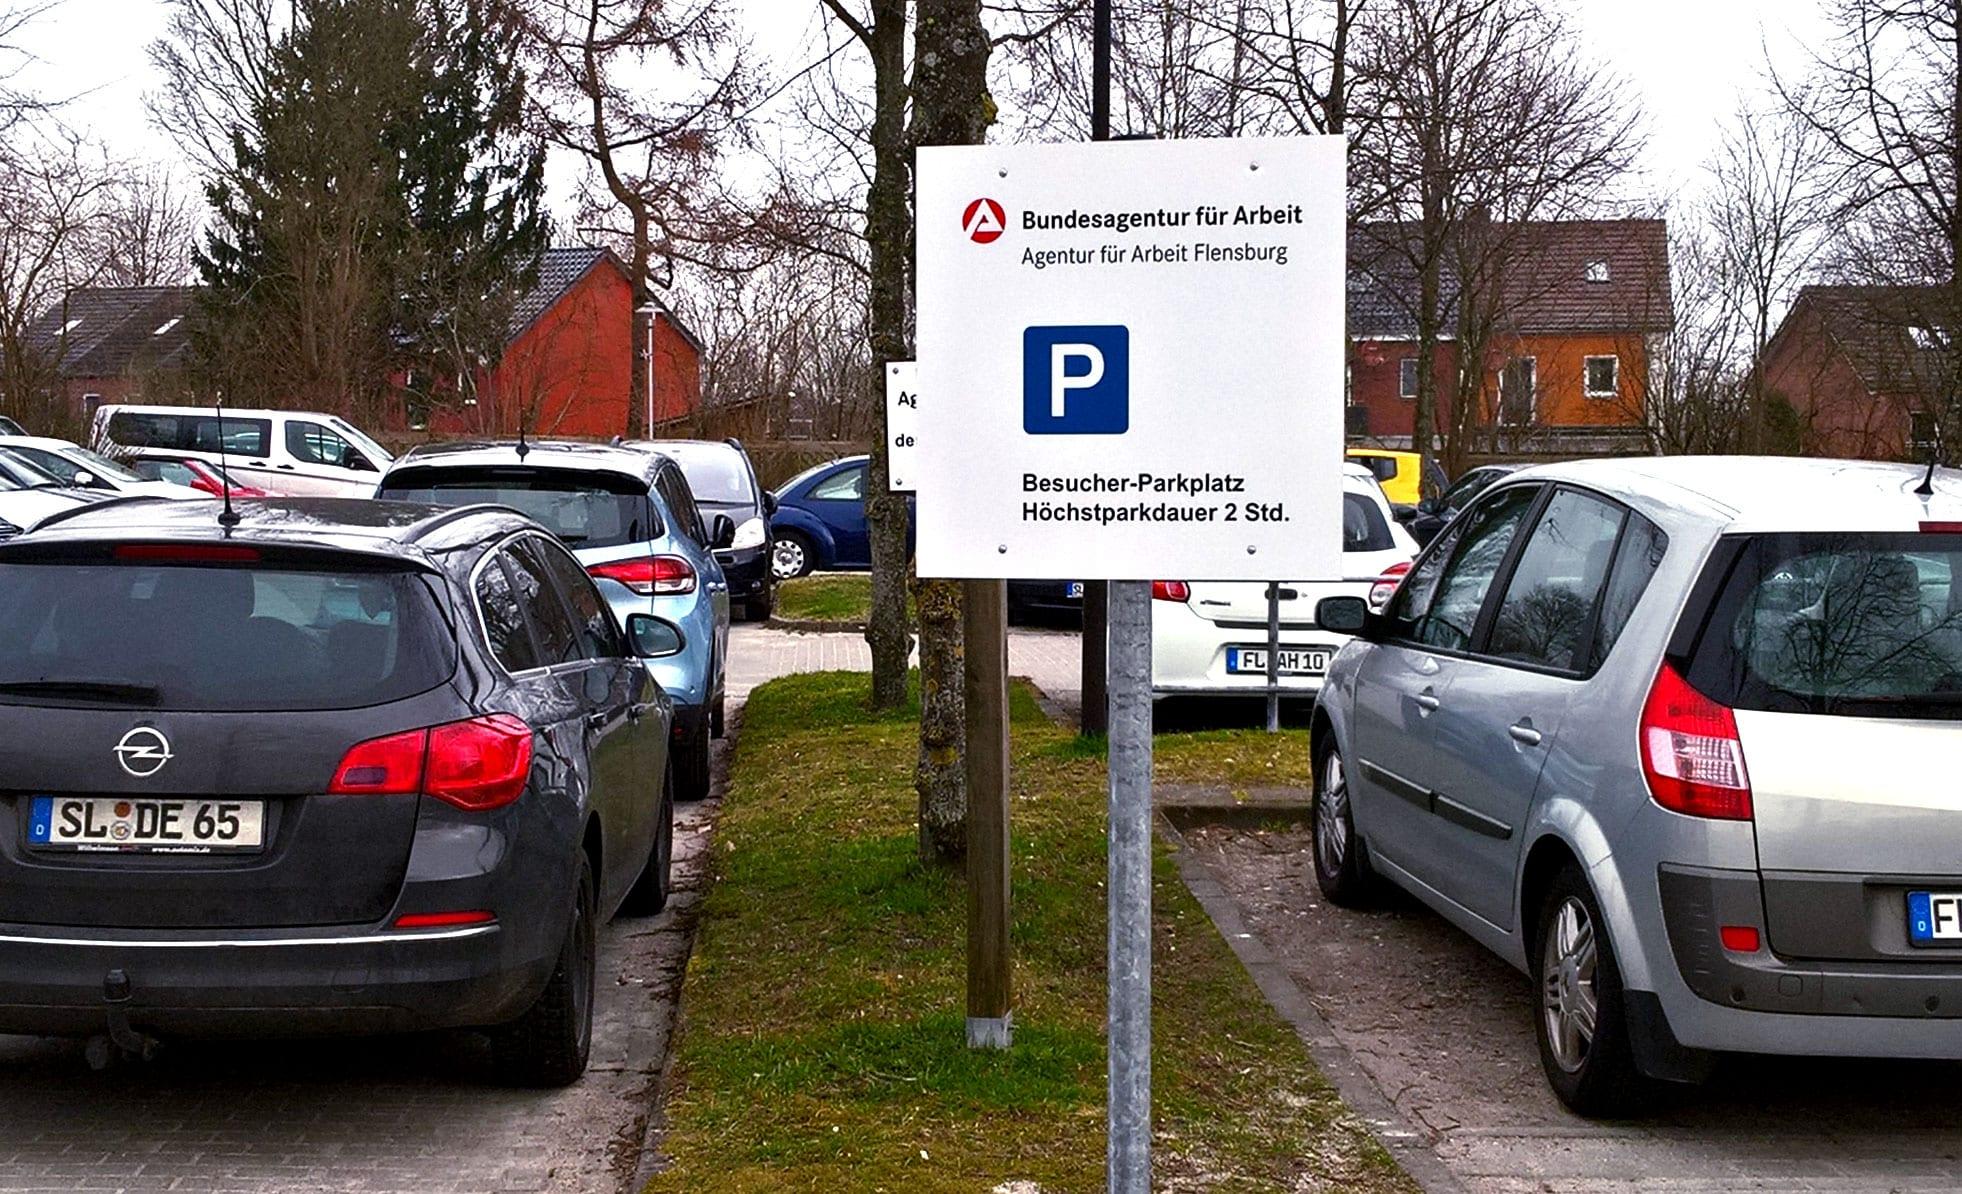 Bundesagentur für Arbeit Piktopaneel Parkplatz Beschilderungssystem